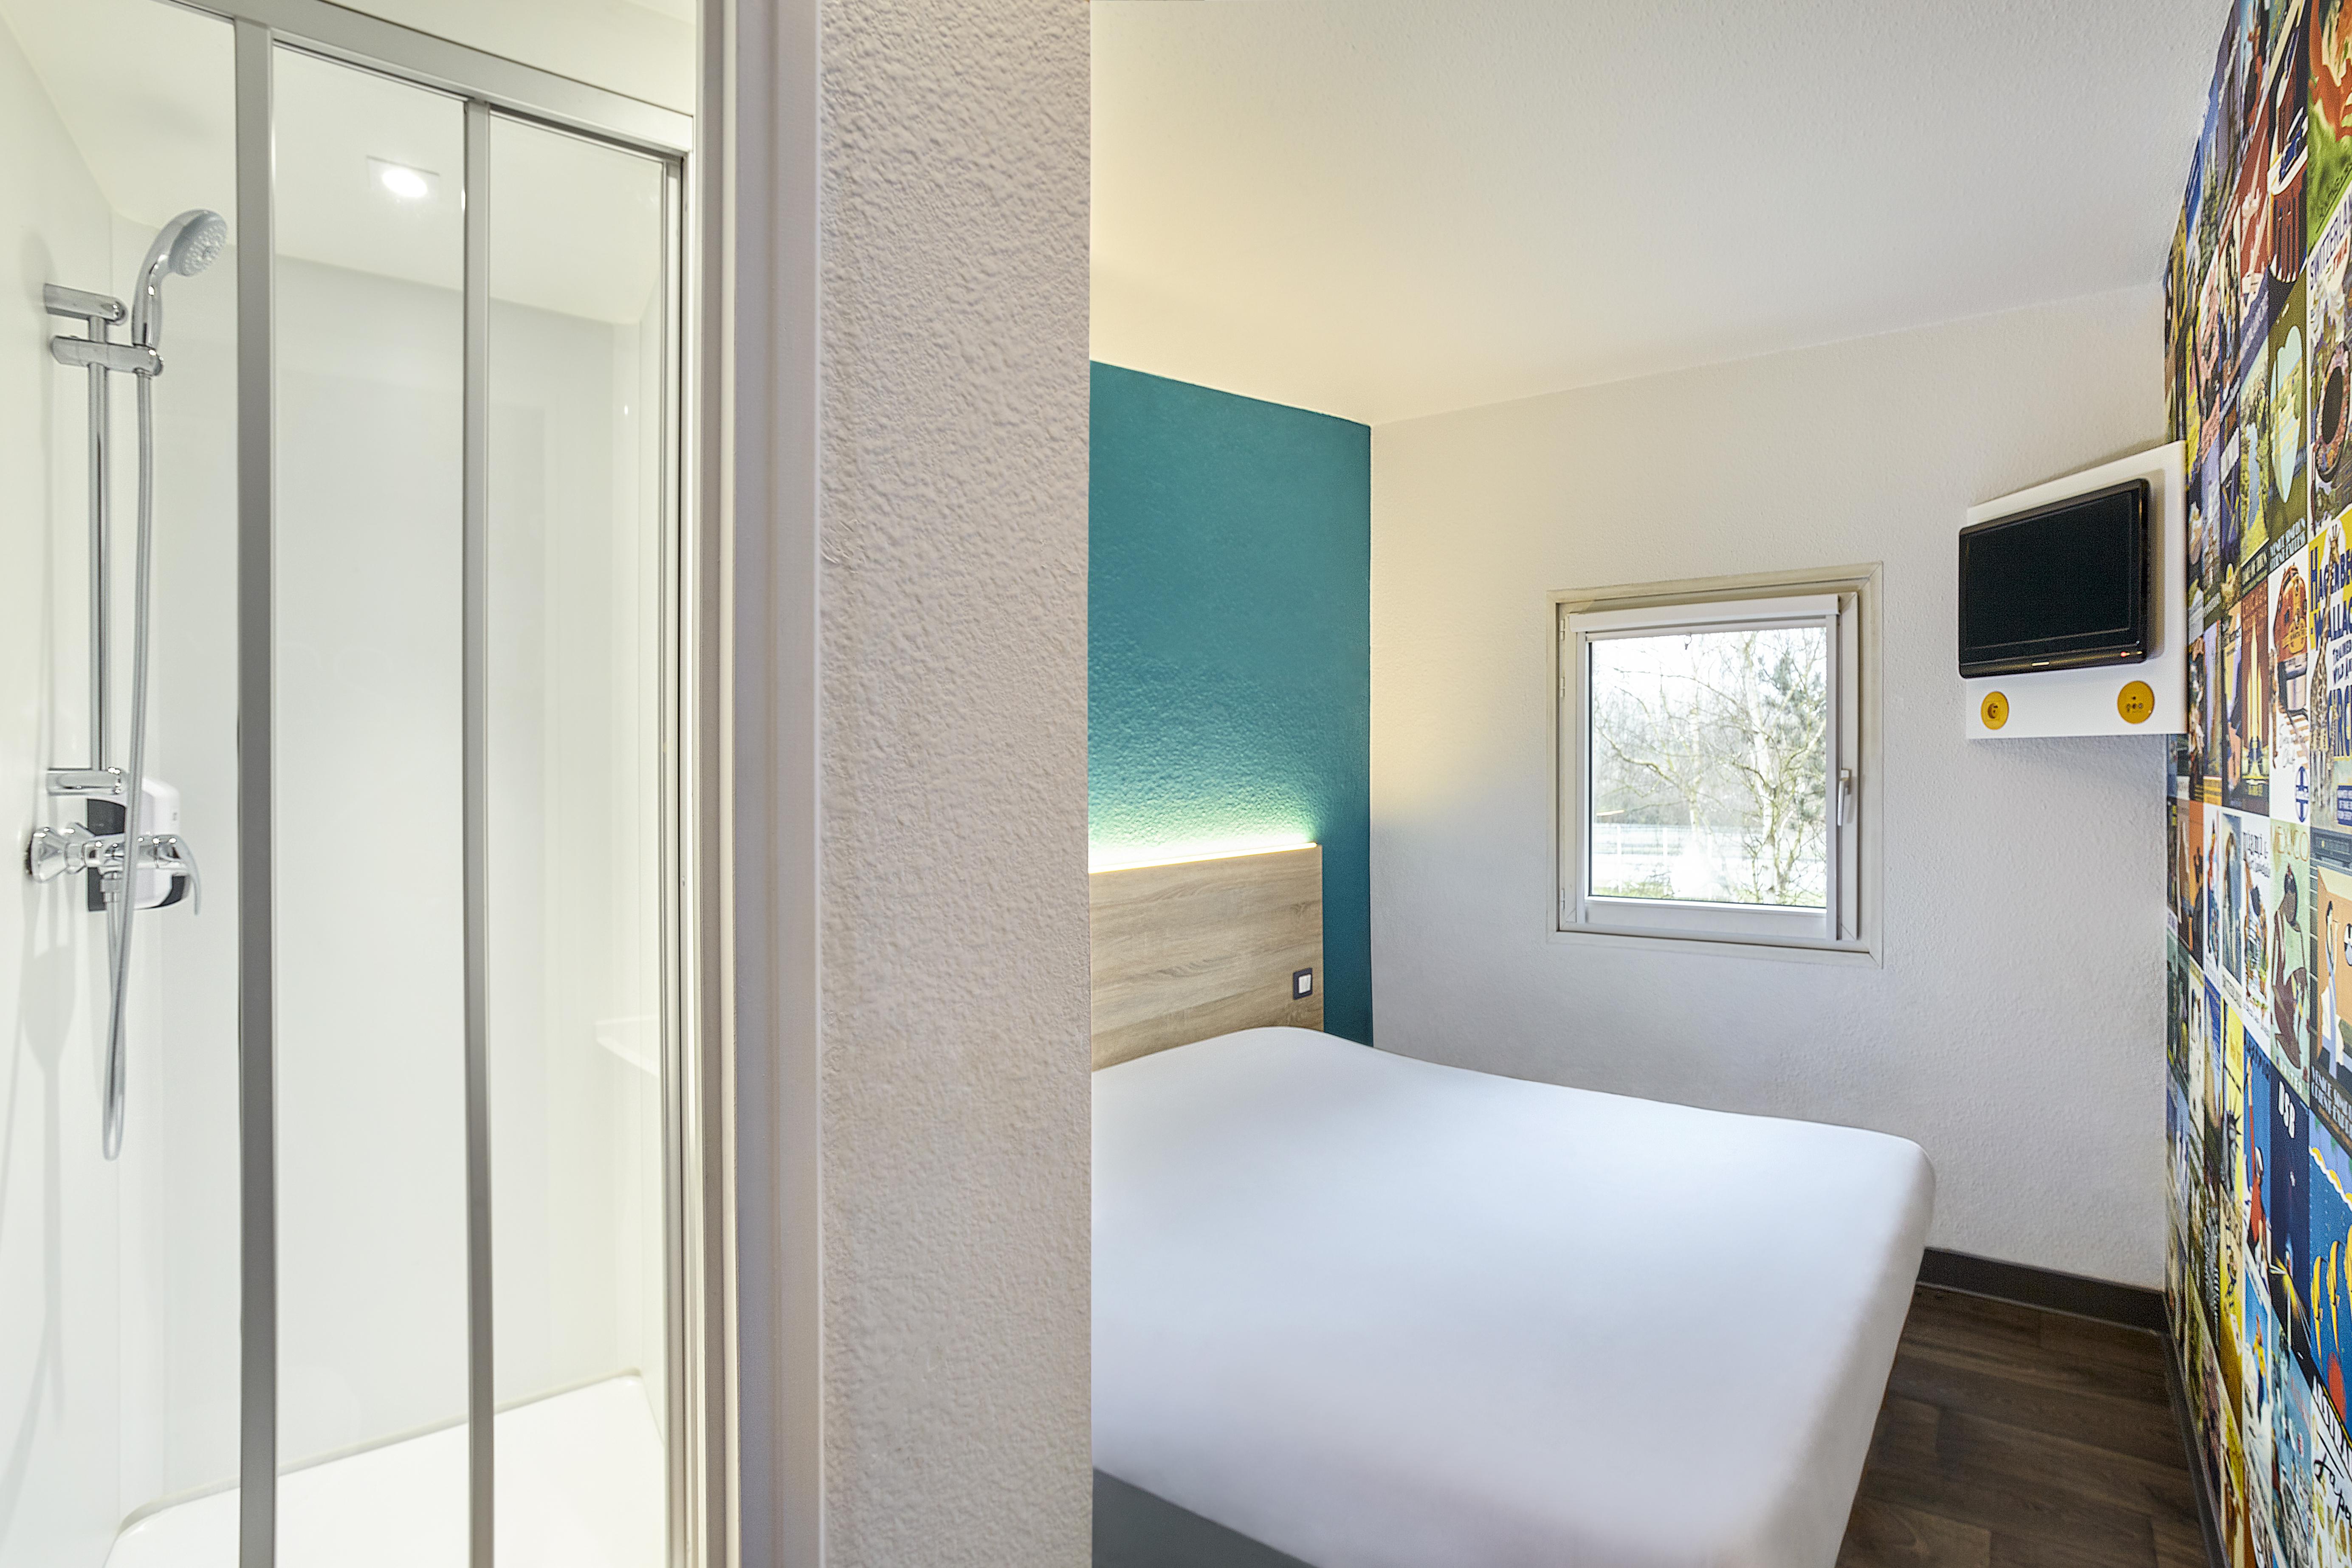 hotelF1 réinvente l\'hôtellerie très économique • Nouveau ...